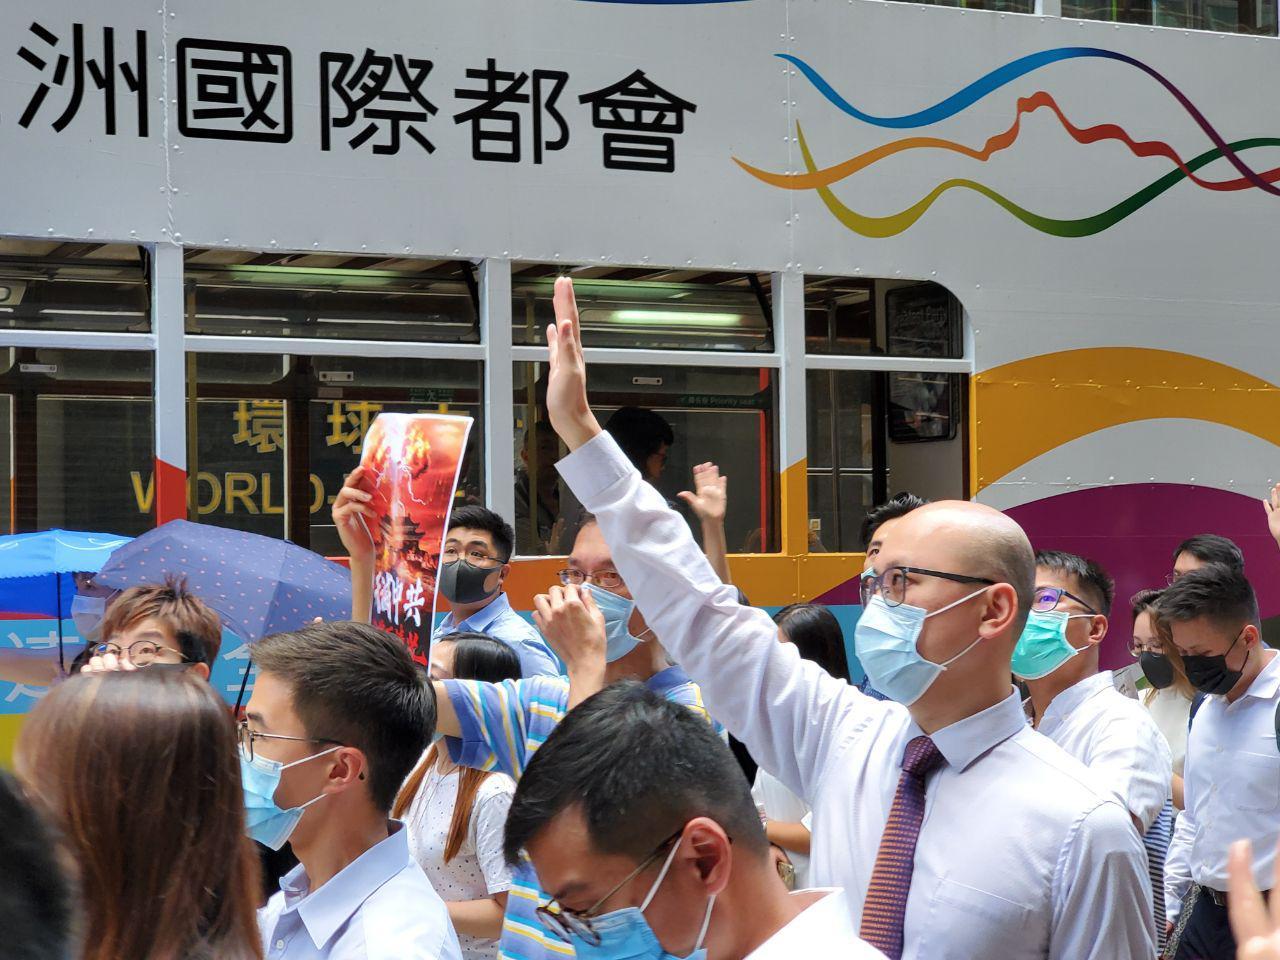 4日,香港政府將會舉行特別會議欲實行《緊急法》、《禁蒙面法》,4日下午民間發起「反緊急法遊行」。(孫明國/大紀元)